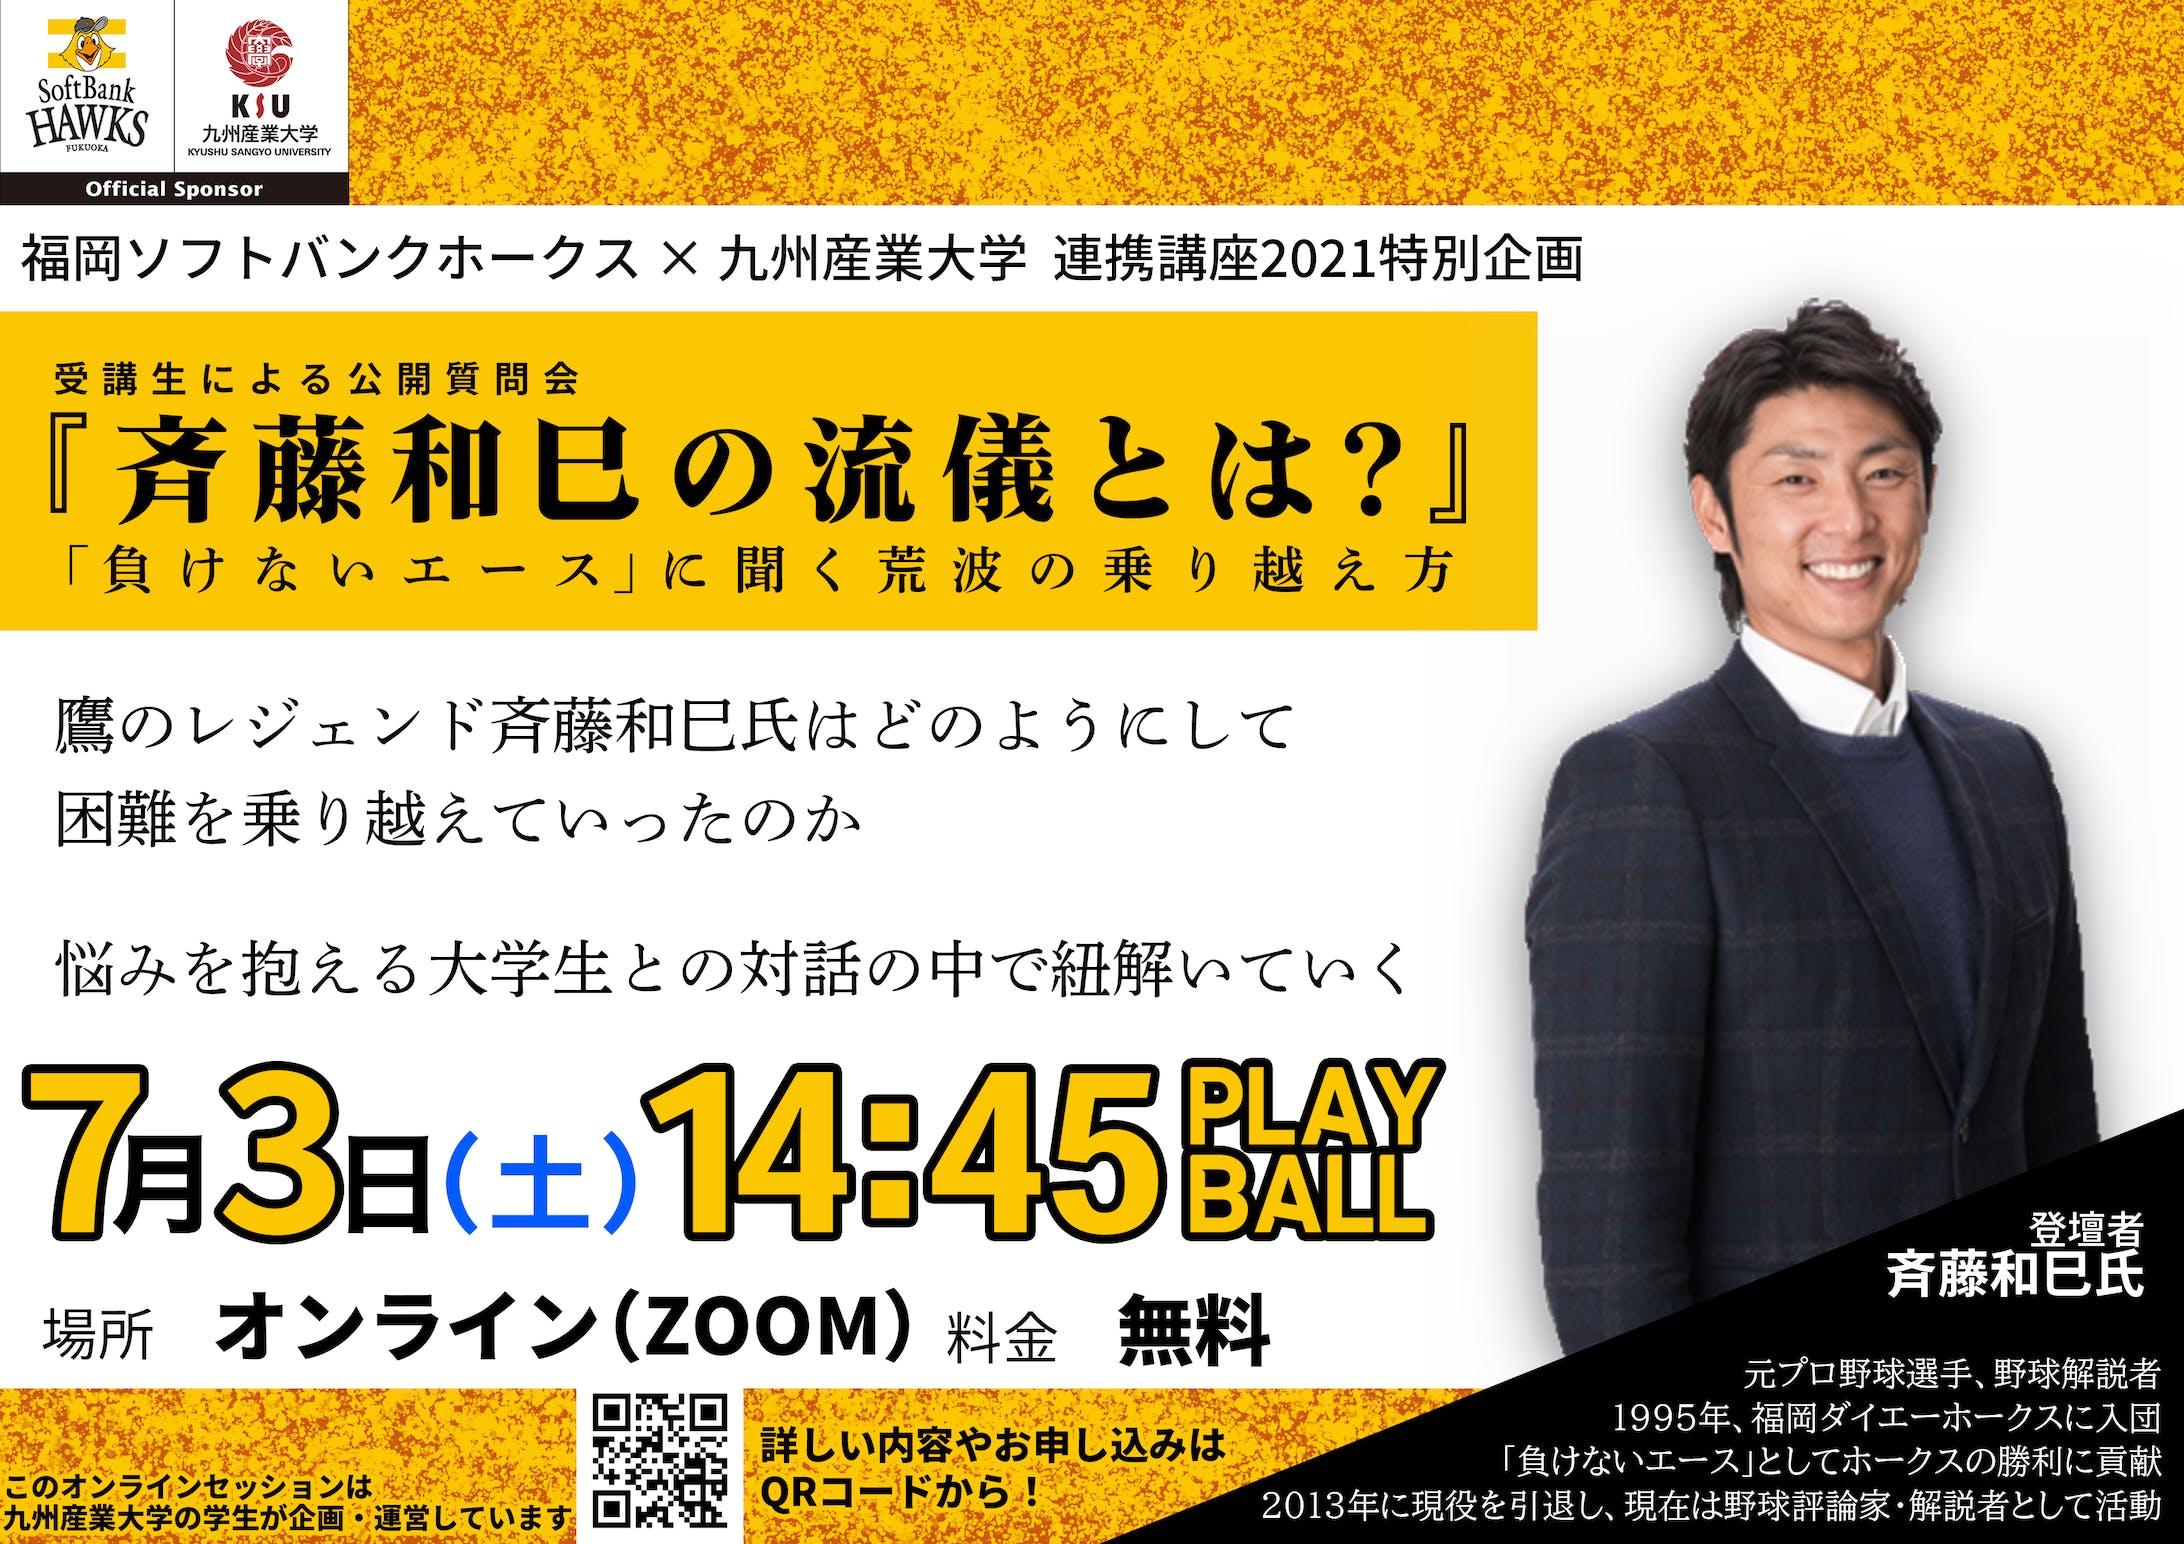 『斉藤和巳の流儀とは?』広告画像-2